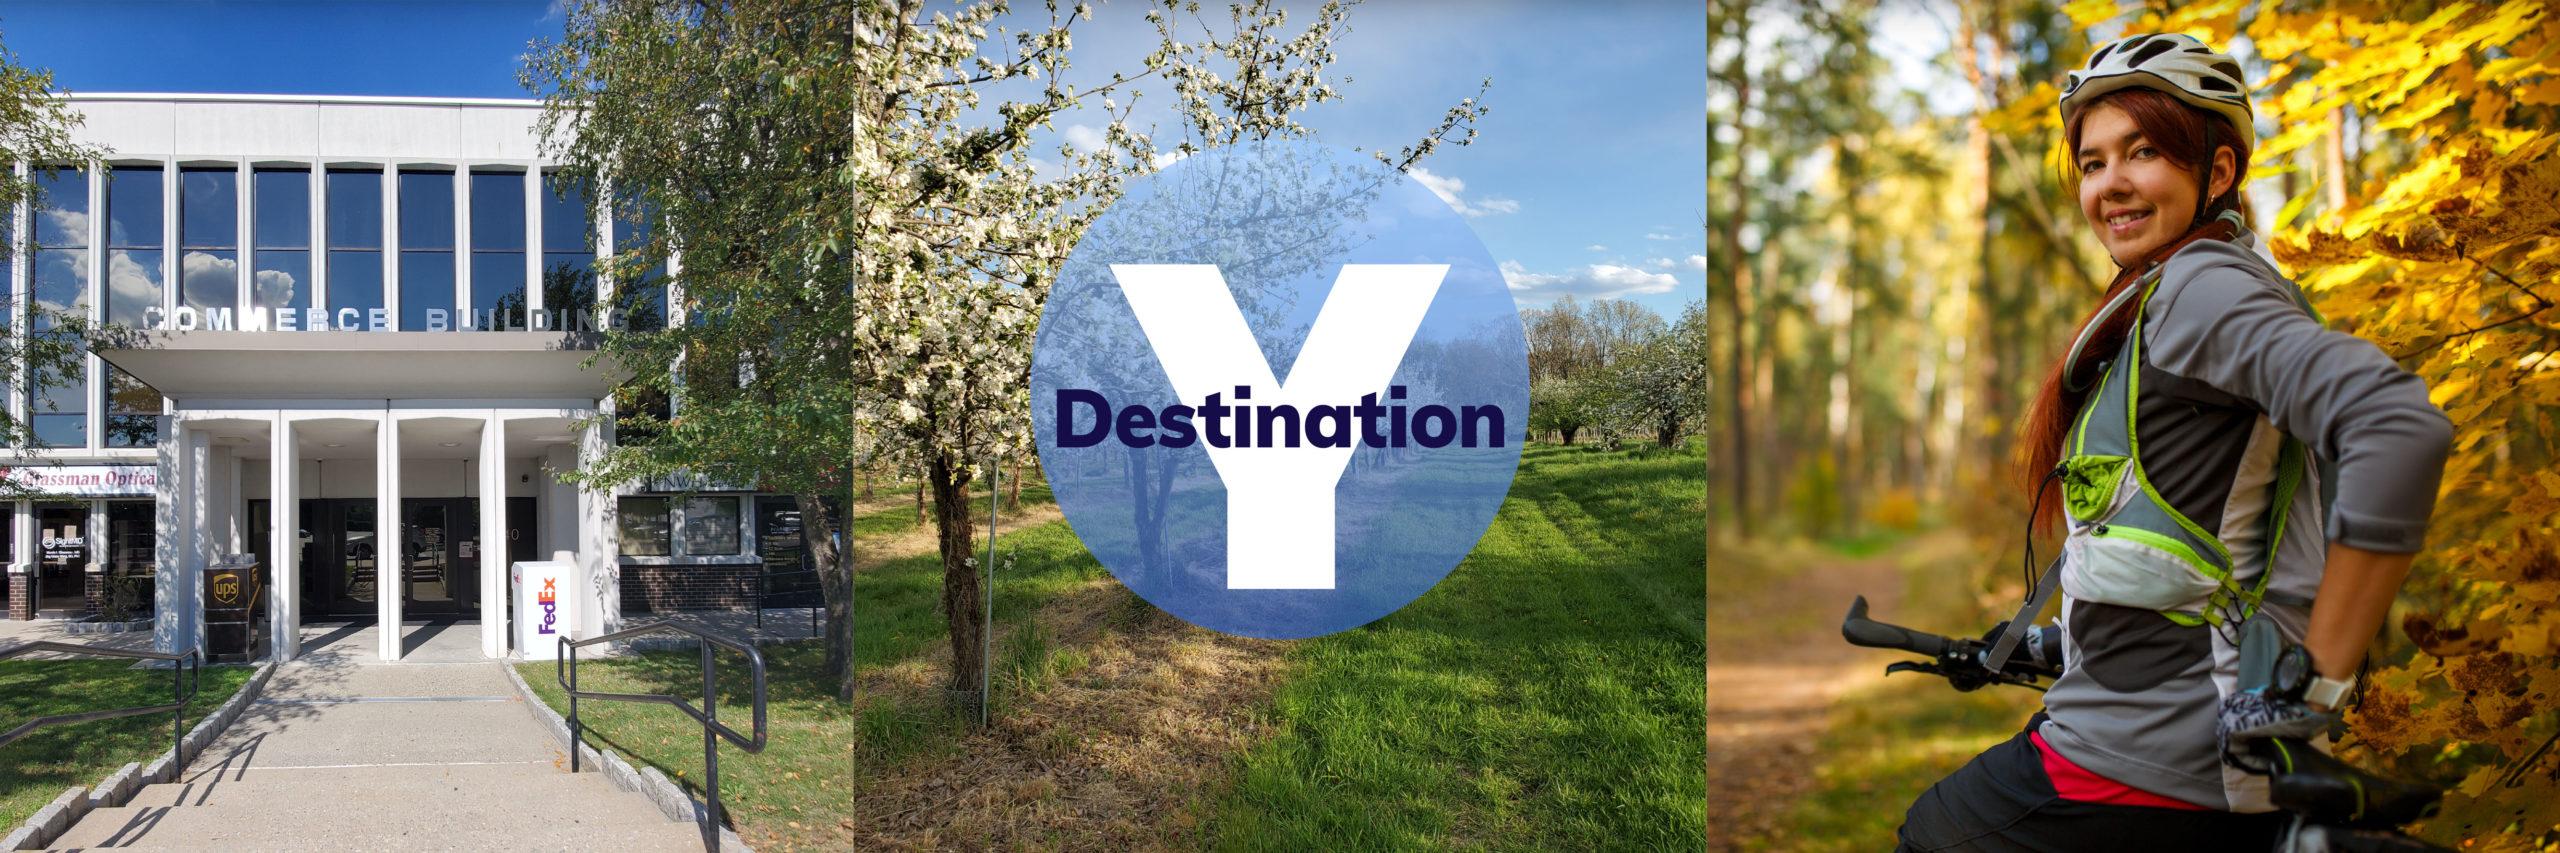 Destination Y